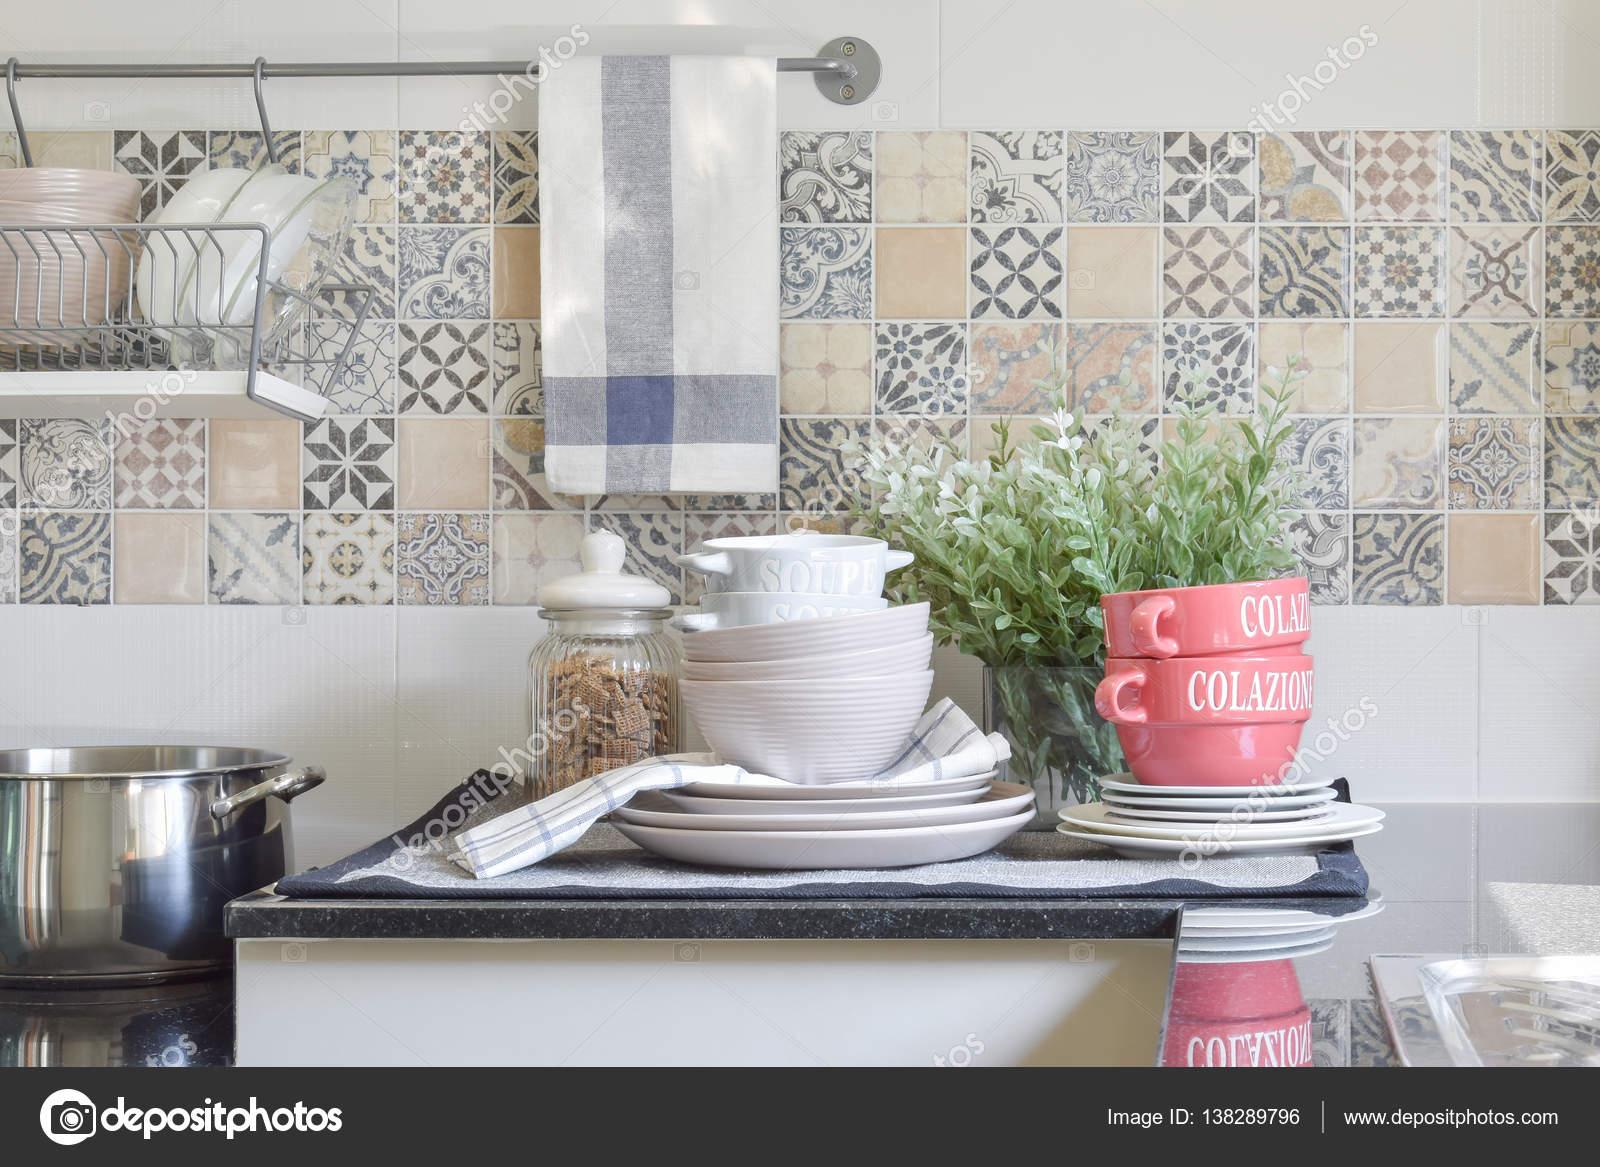 Utensilios de cocina de cer mica moderna y utensilios en for Utensilios de cocina de ceramica